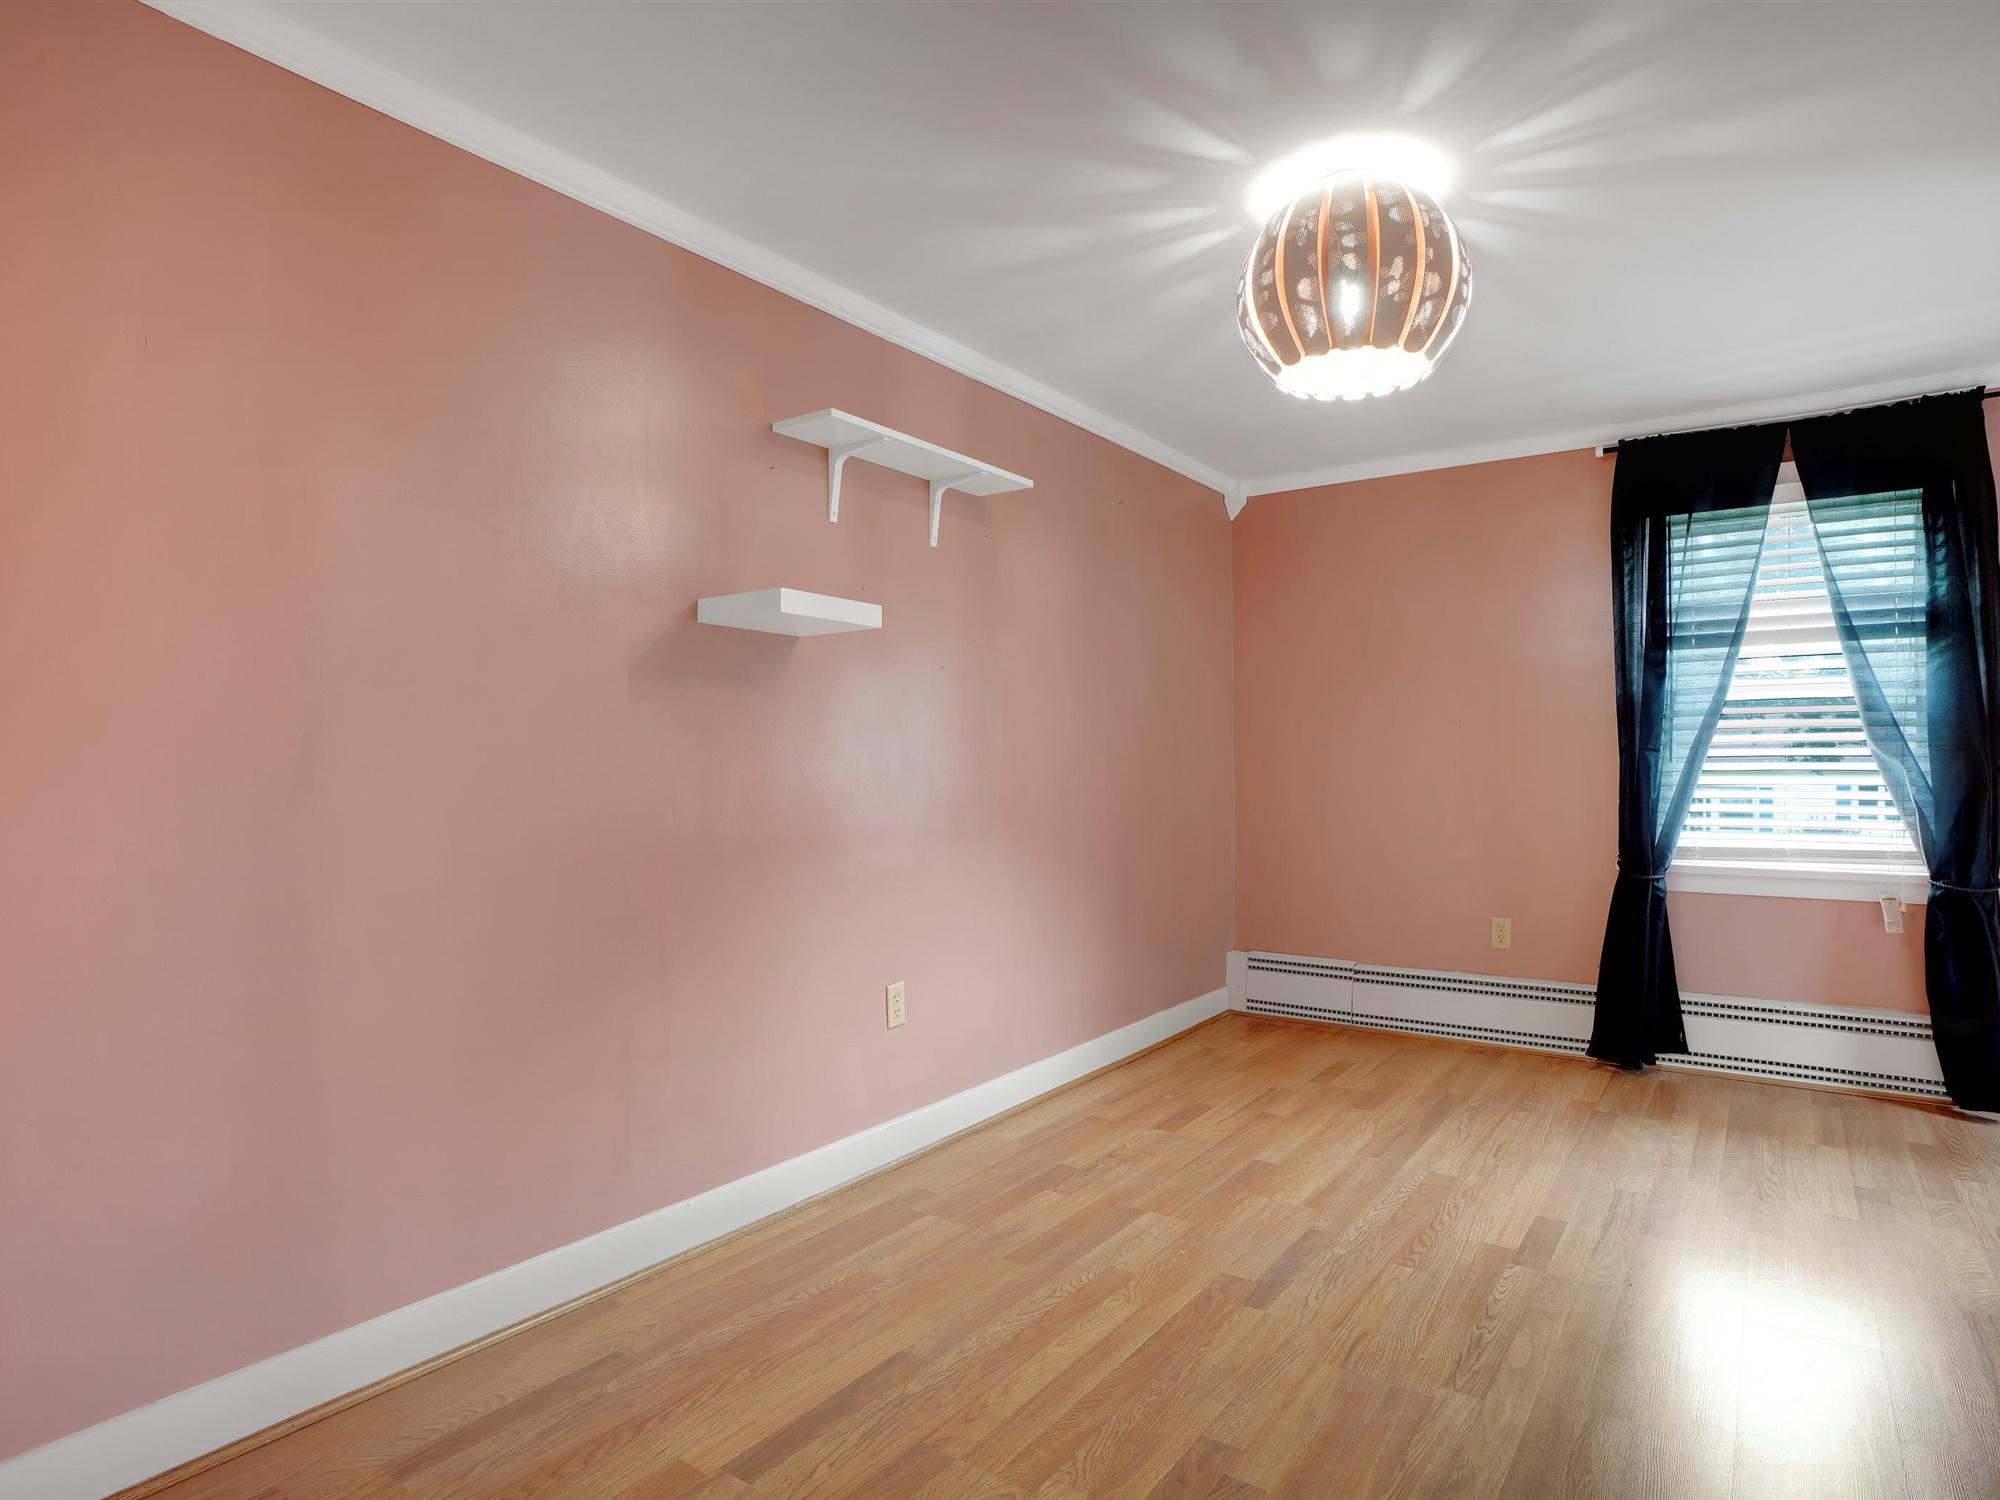 2022 Kline St - 1st bedroom